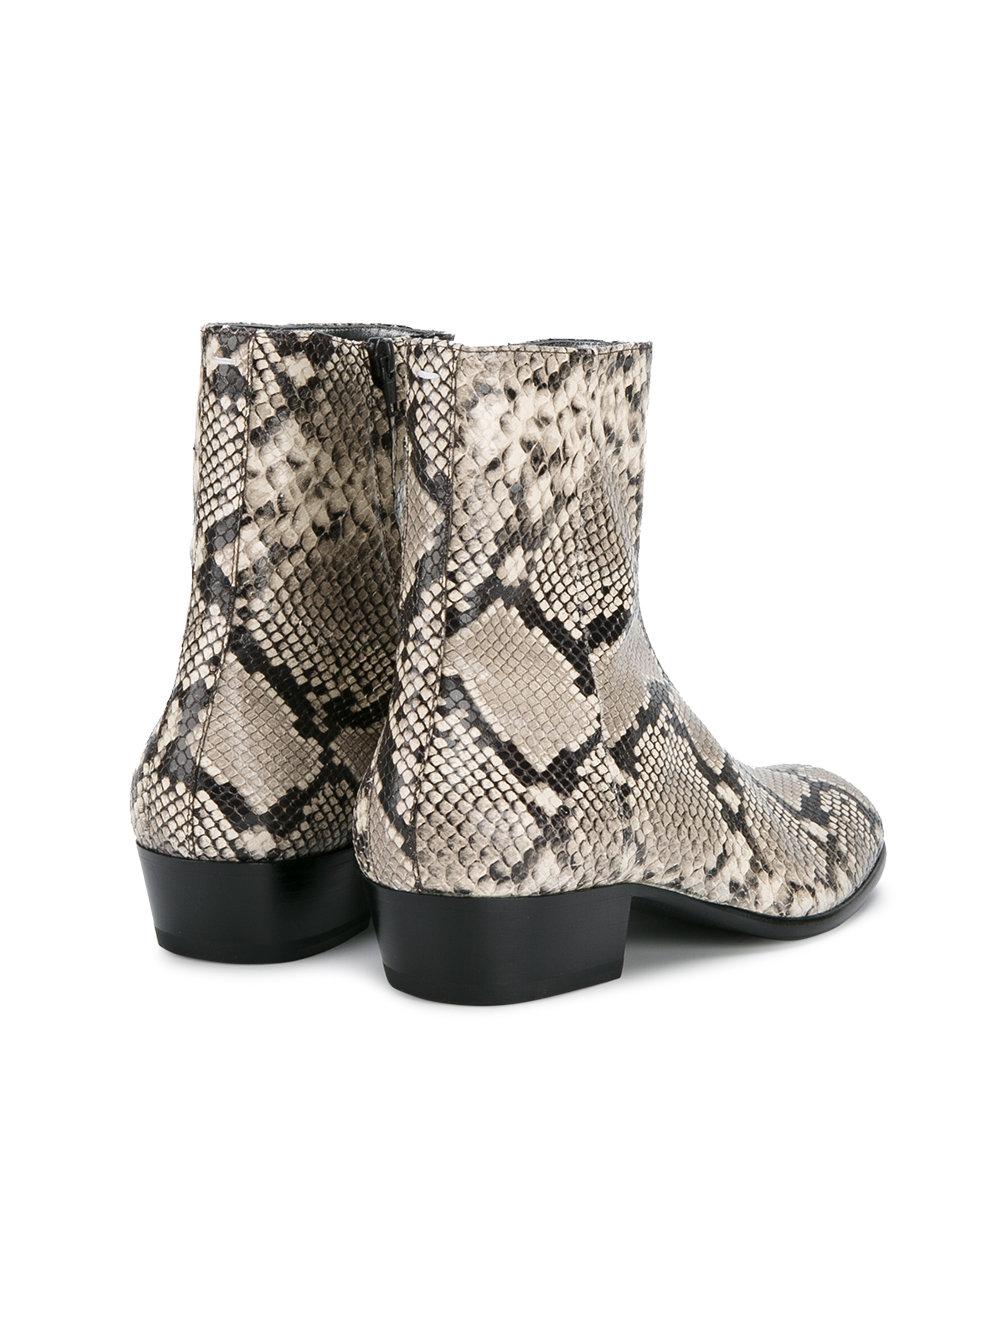 De Chelsea Print Botas Python Couro Ankle Empilhados Calcanhar Show Inverno Sapatos Militar Homens Genuíno Wyatt Boots Zapatos As dIwqrwxSz